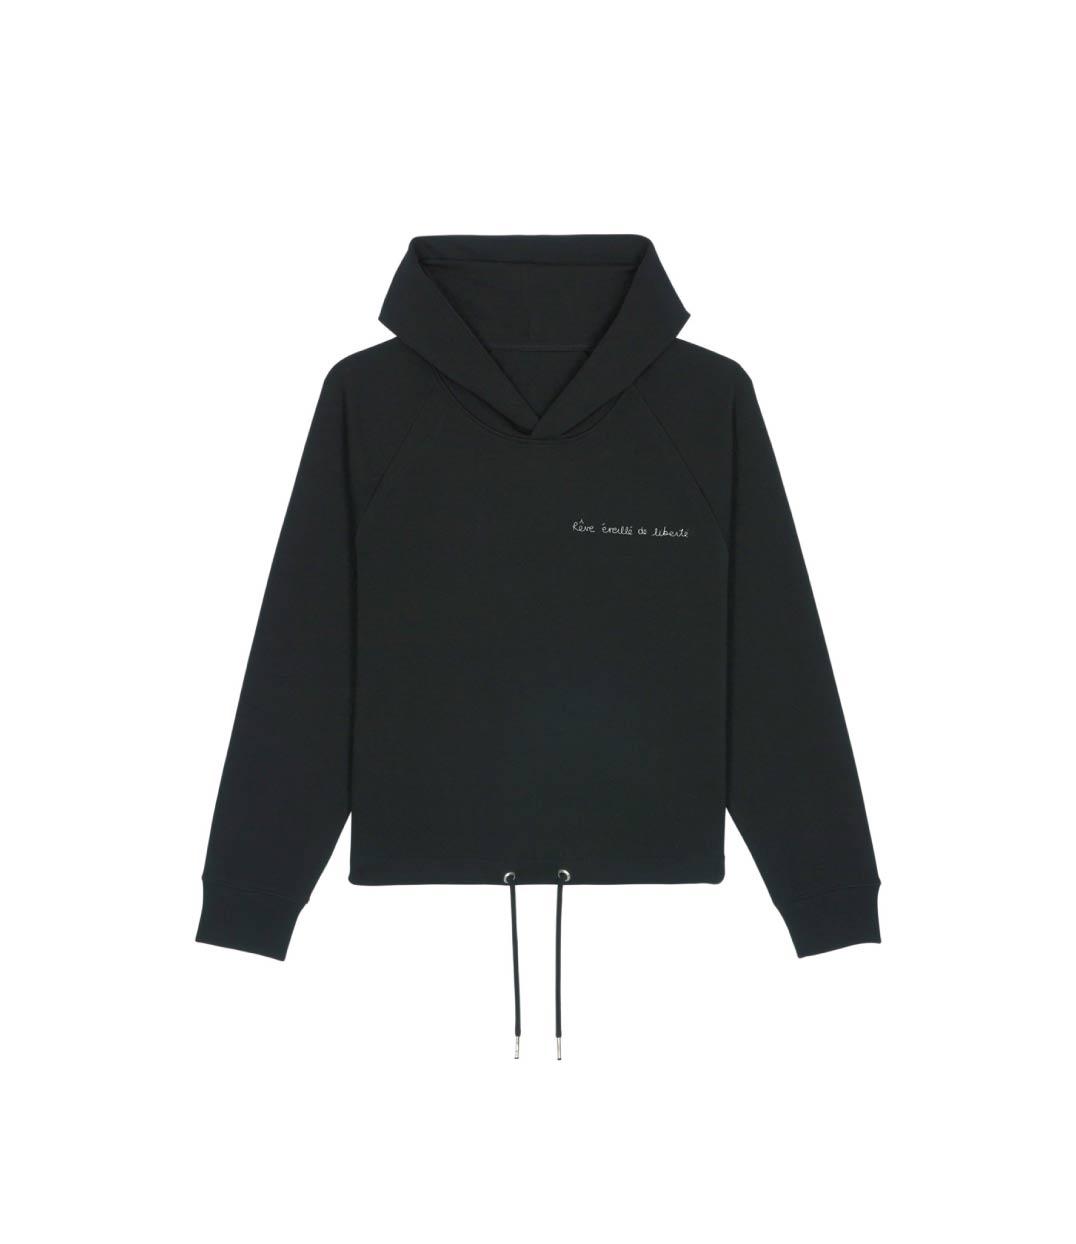 mockup sweatshirt noir à capuche en coton bio avec citation imprimé en blanc